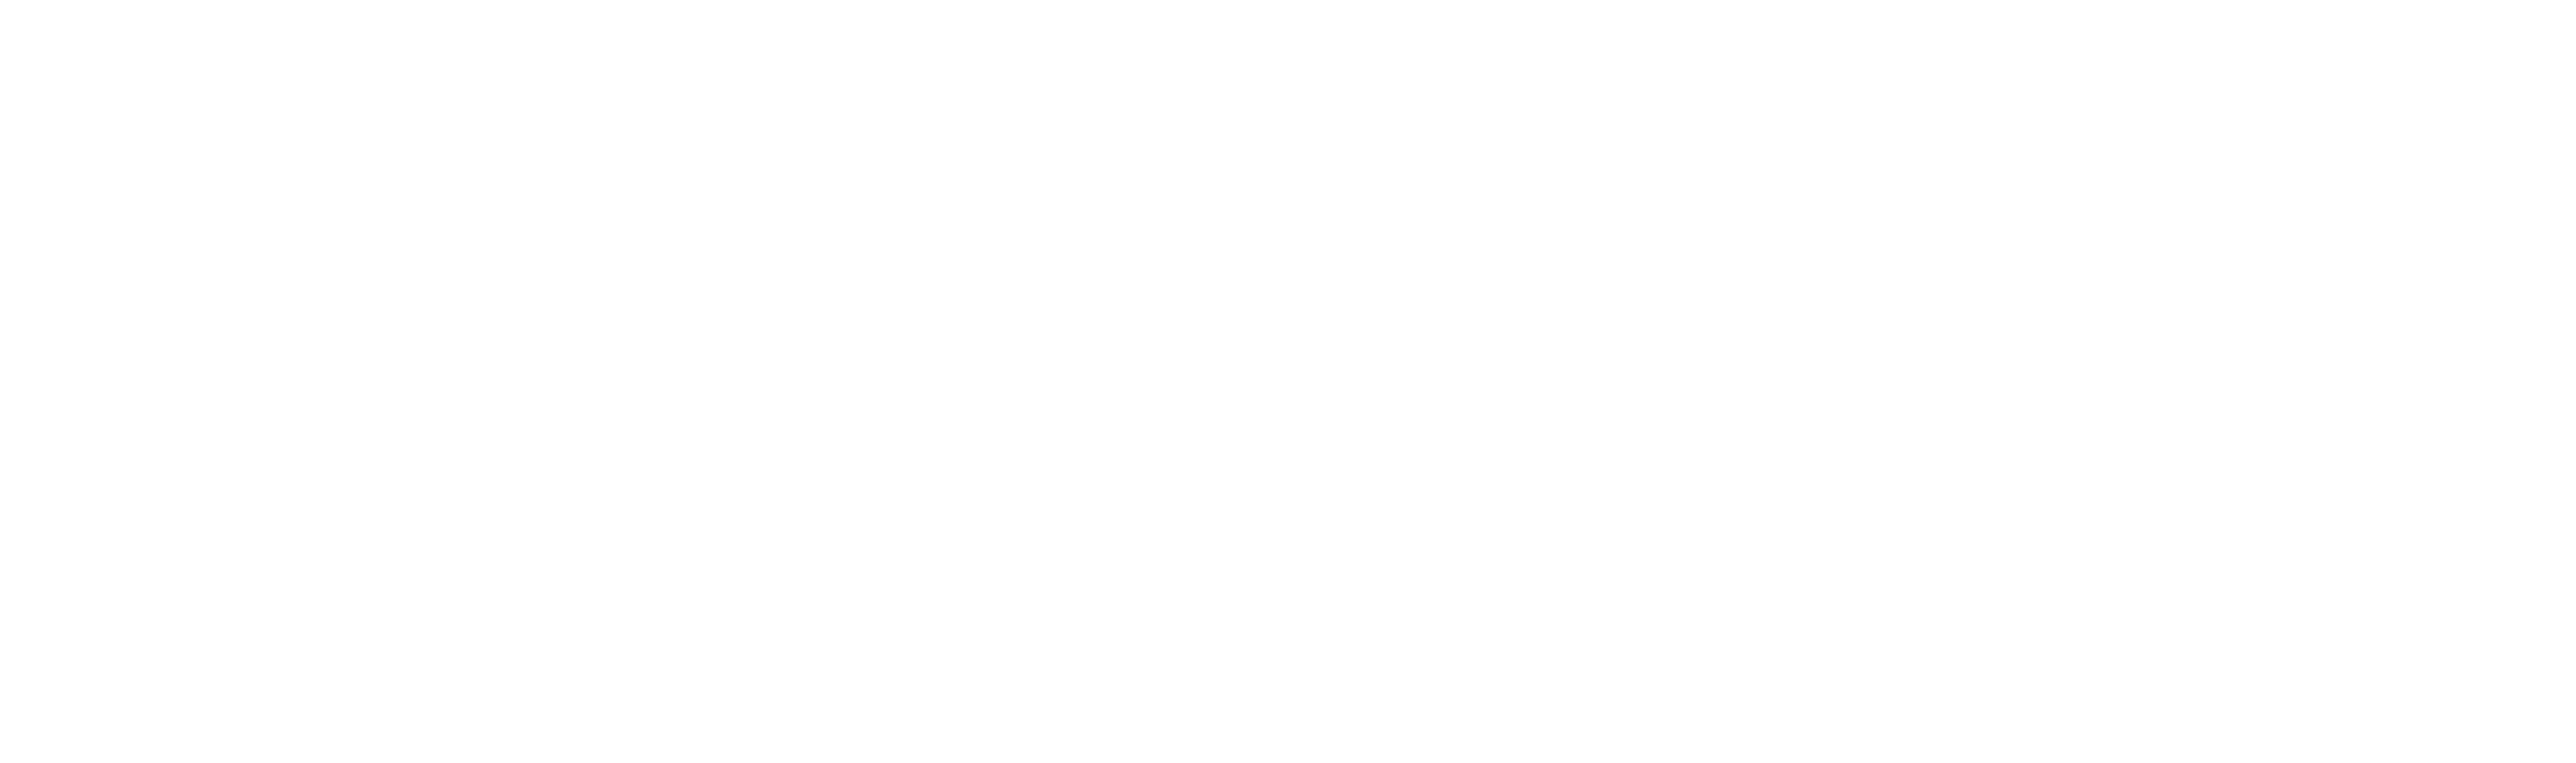 Blamis®